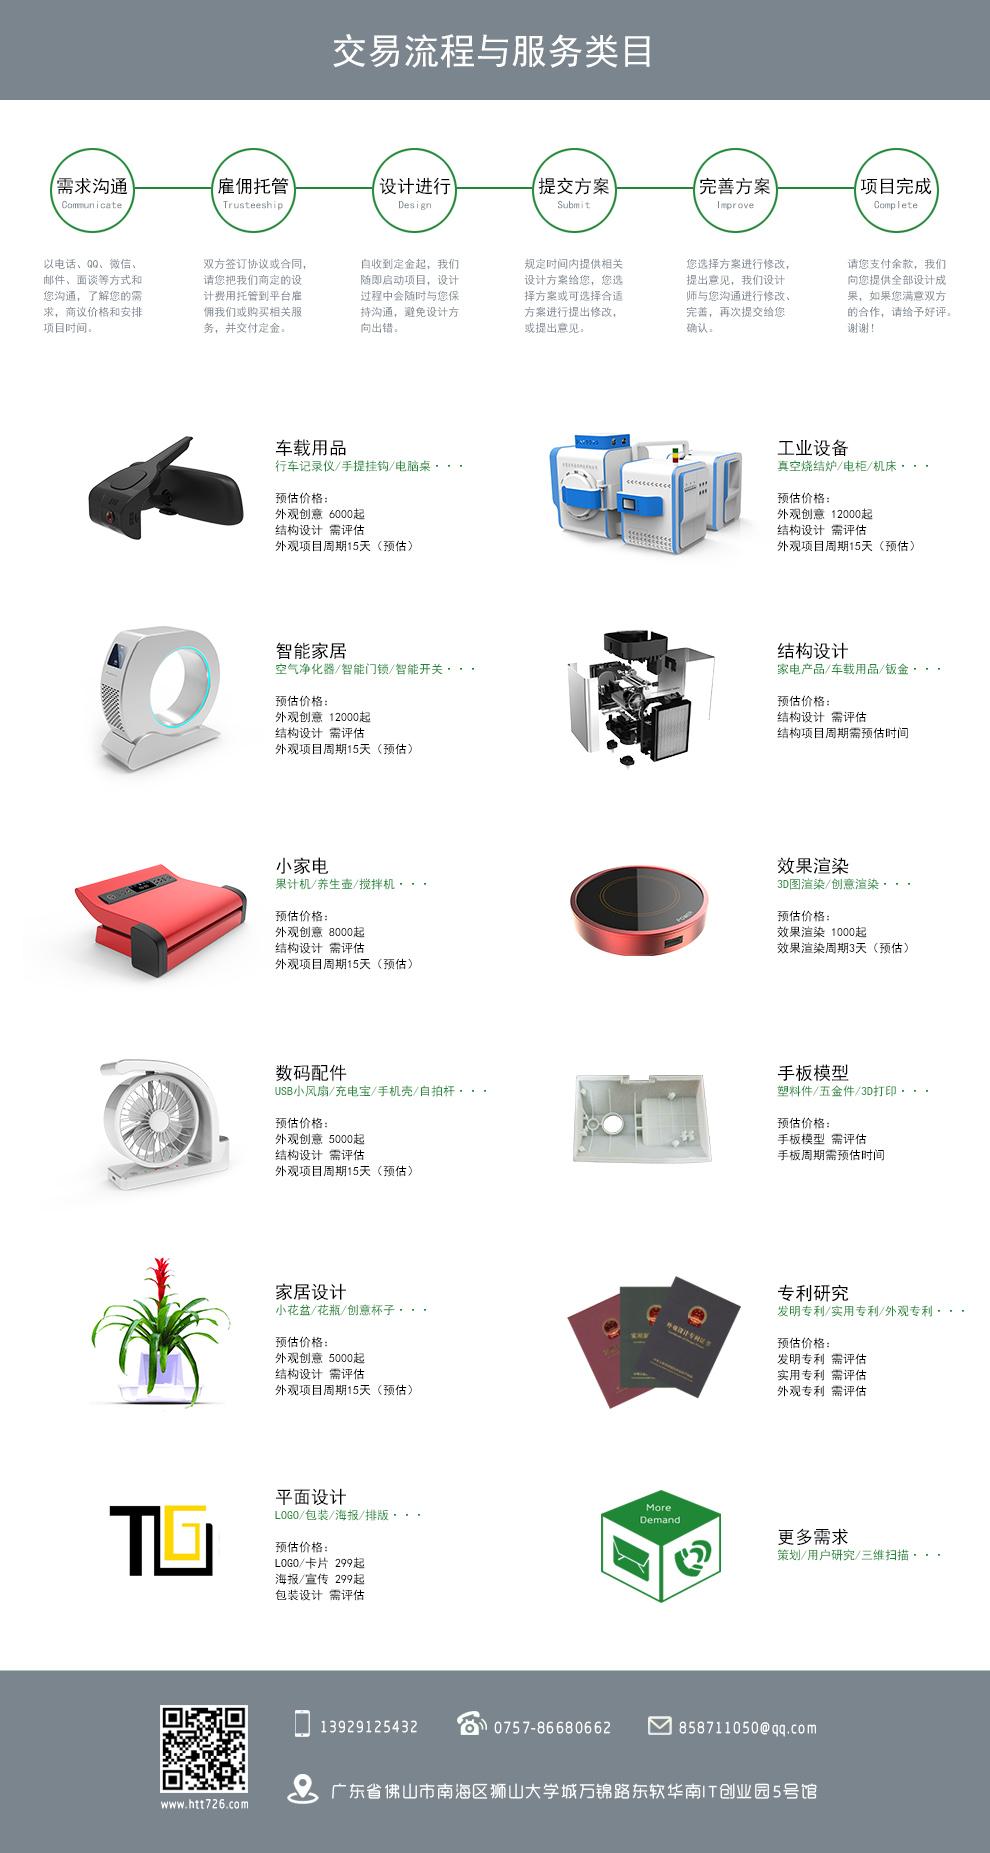 产品设计_免费设计/设计咨询/产品策划/风险评估/专利研究/专利设计1